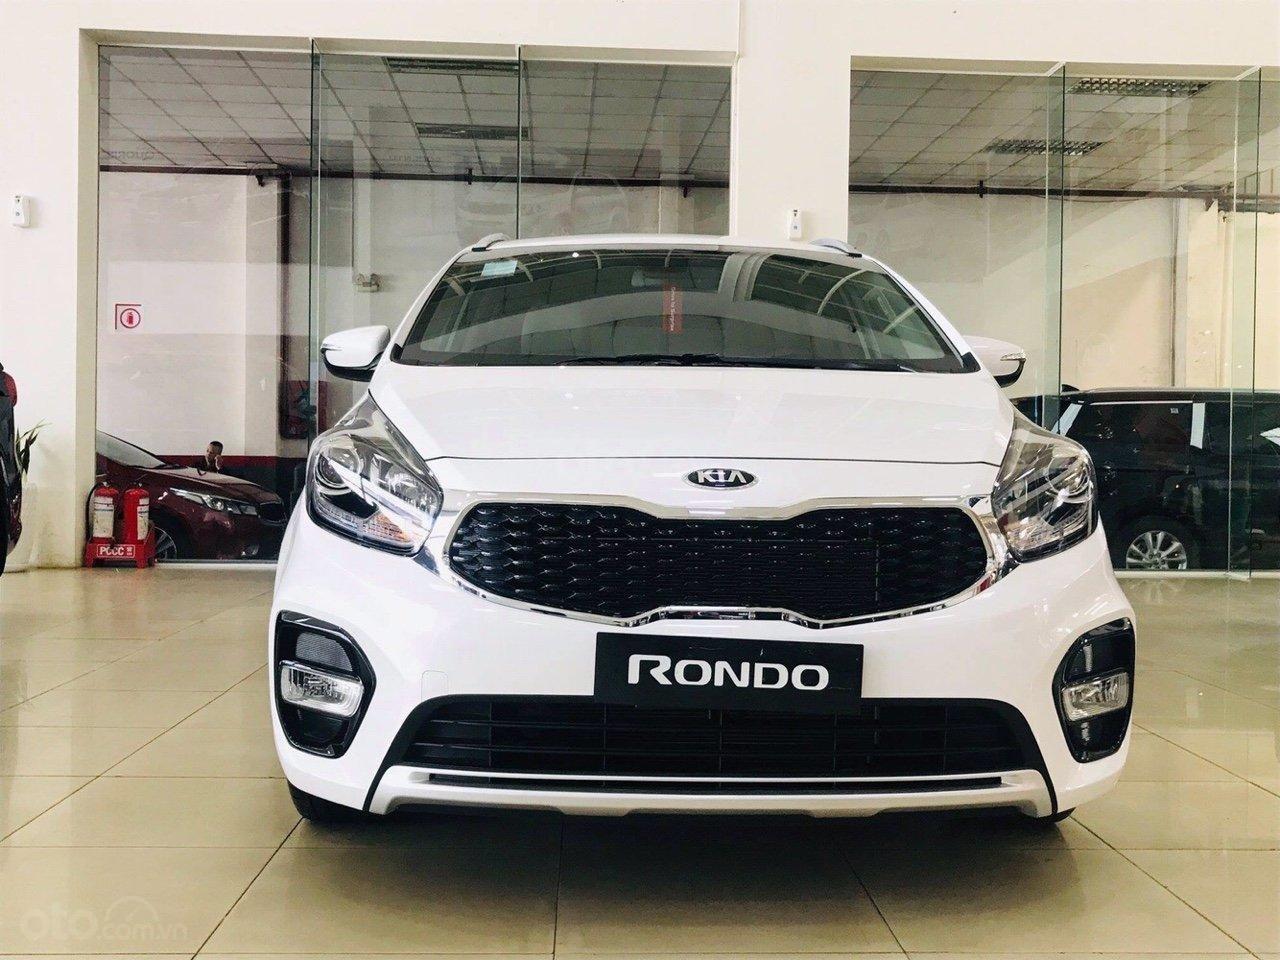 Kia Rondo phiên bản mới GMT 2019, trả trước 158tr nhận xe ngay, ưu đãi tốt nhất TP. HCM 0939701039-0